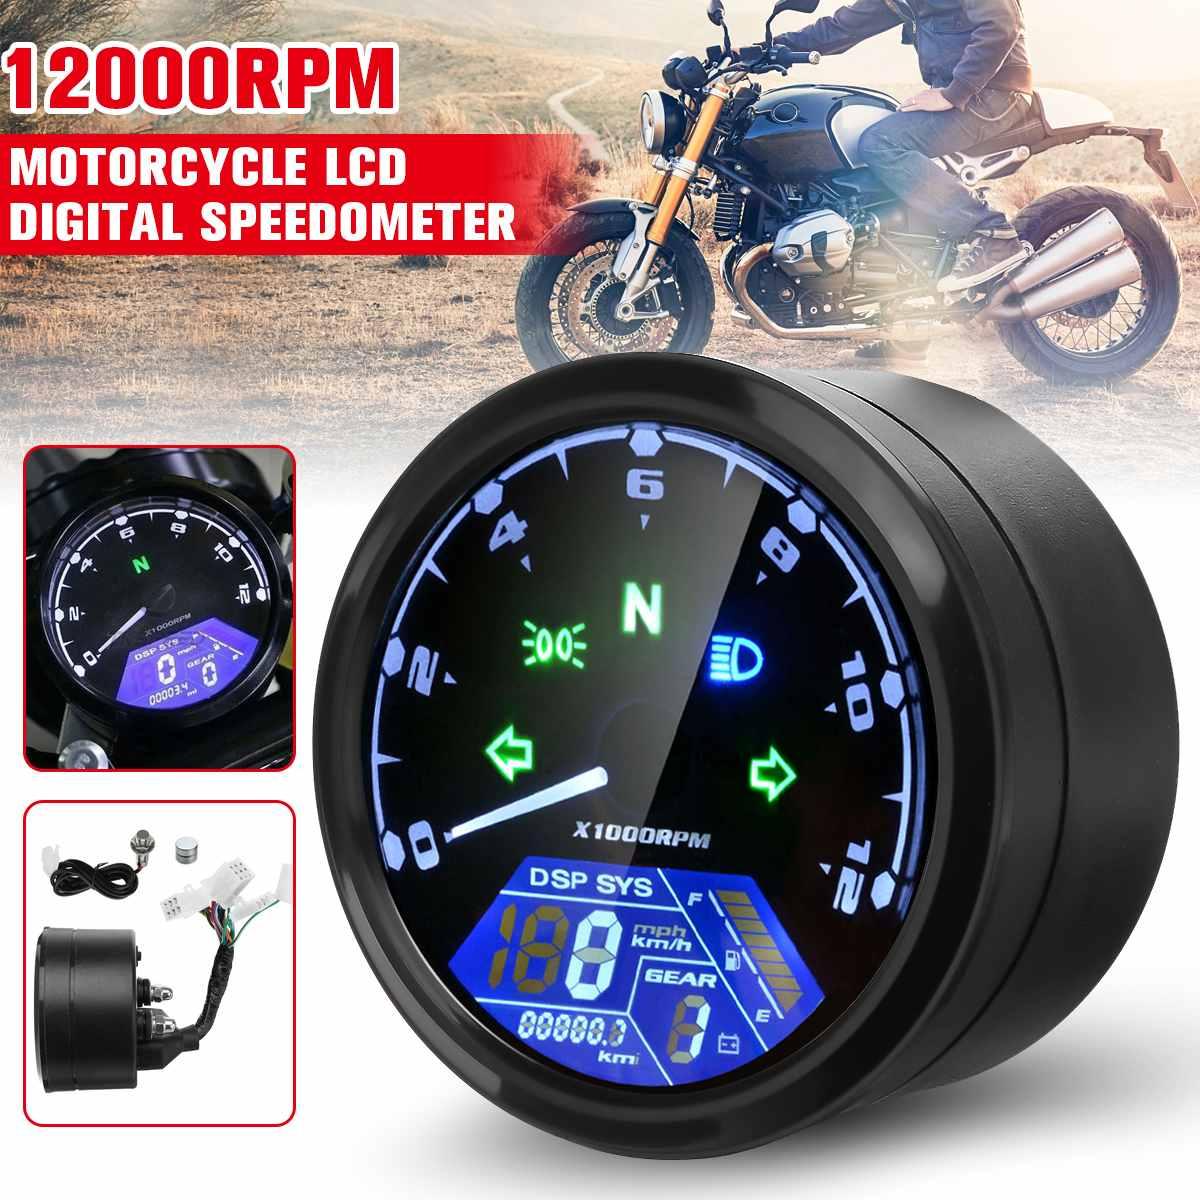 12000RPM دراجة نارية LCD شاشة ديجيتال عداد السرعة مقياس سرعة الدوران عداد المسافات مقياس مقهى المتسابق موتور 8-18 فولت العالمي